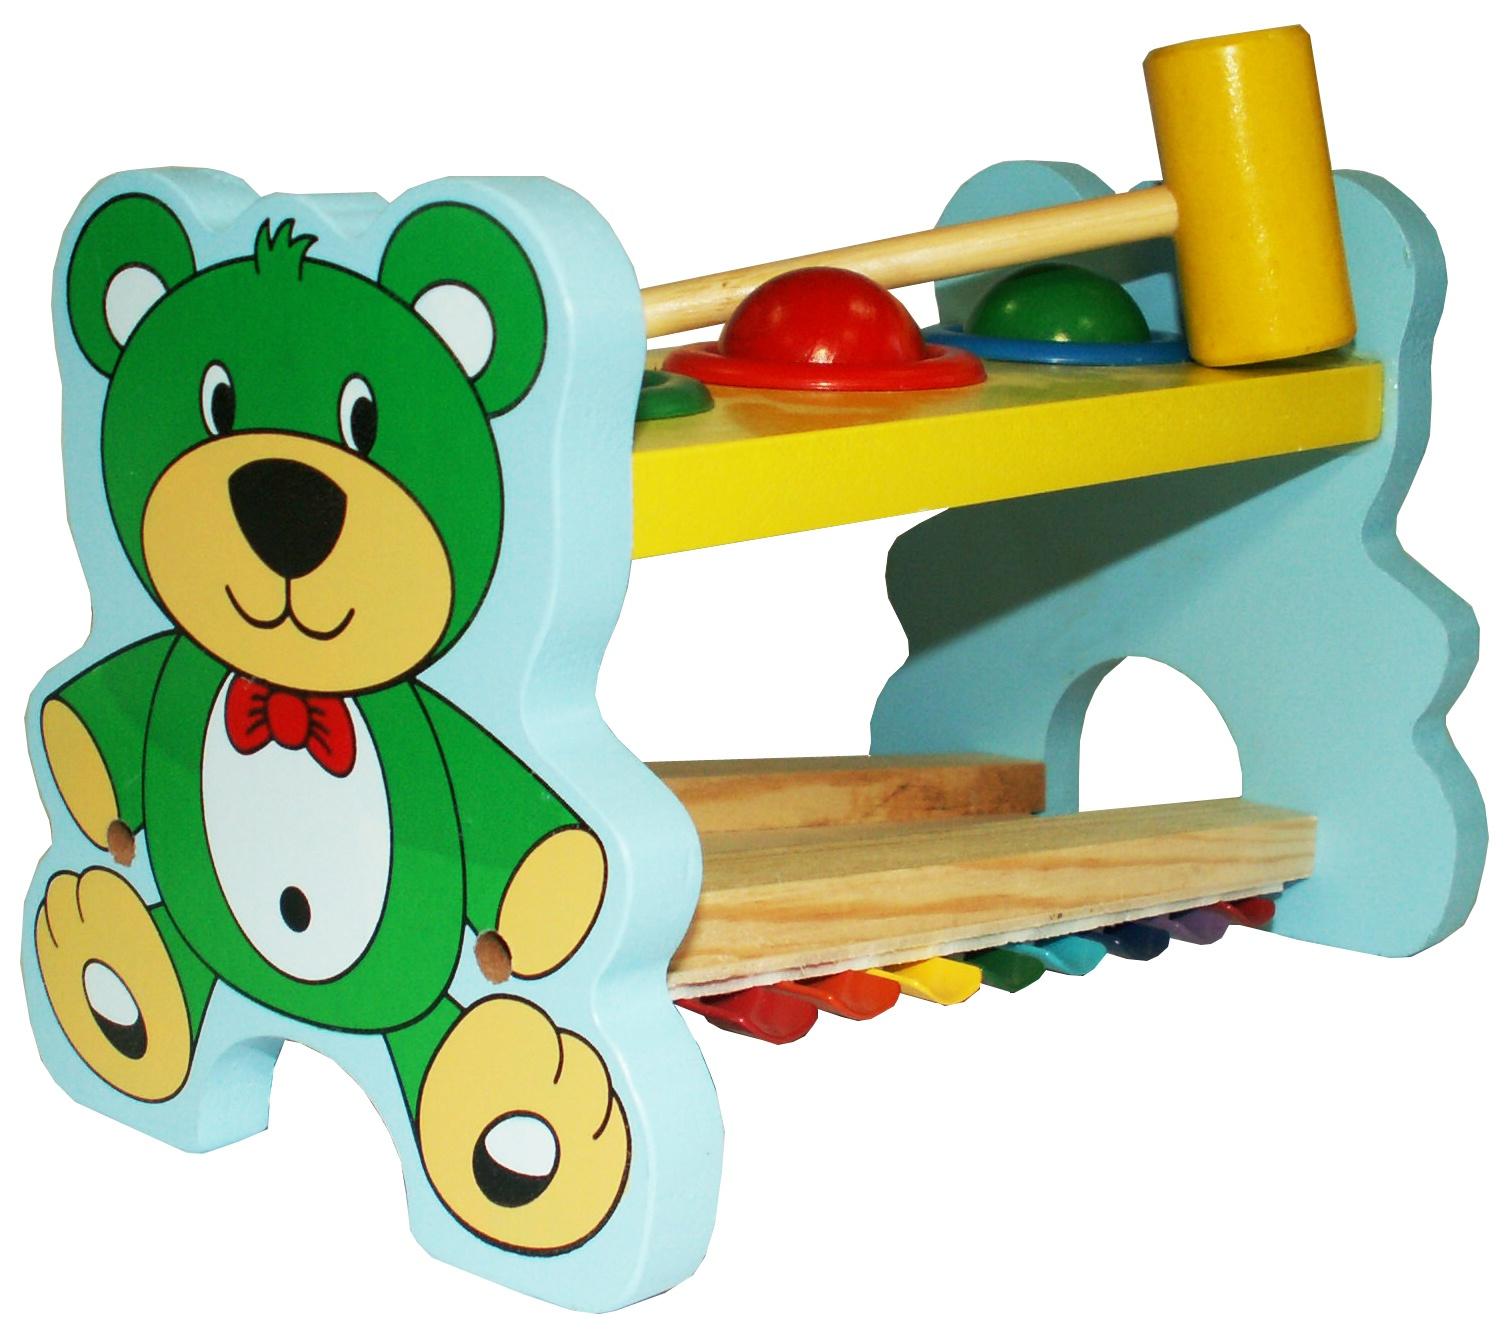 Развивающая игрушка Развивающие игрушки из дерева Стучалка музыкальная Мишка развивающие игрушки lamaze дракончик флип флап